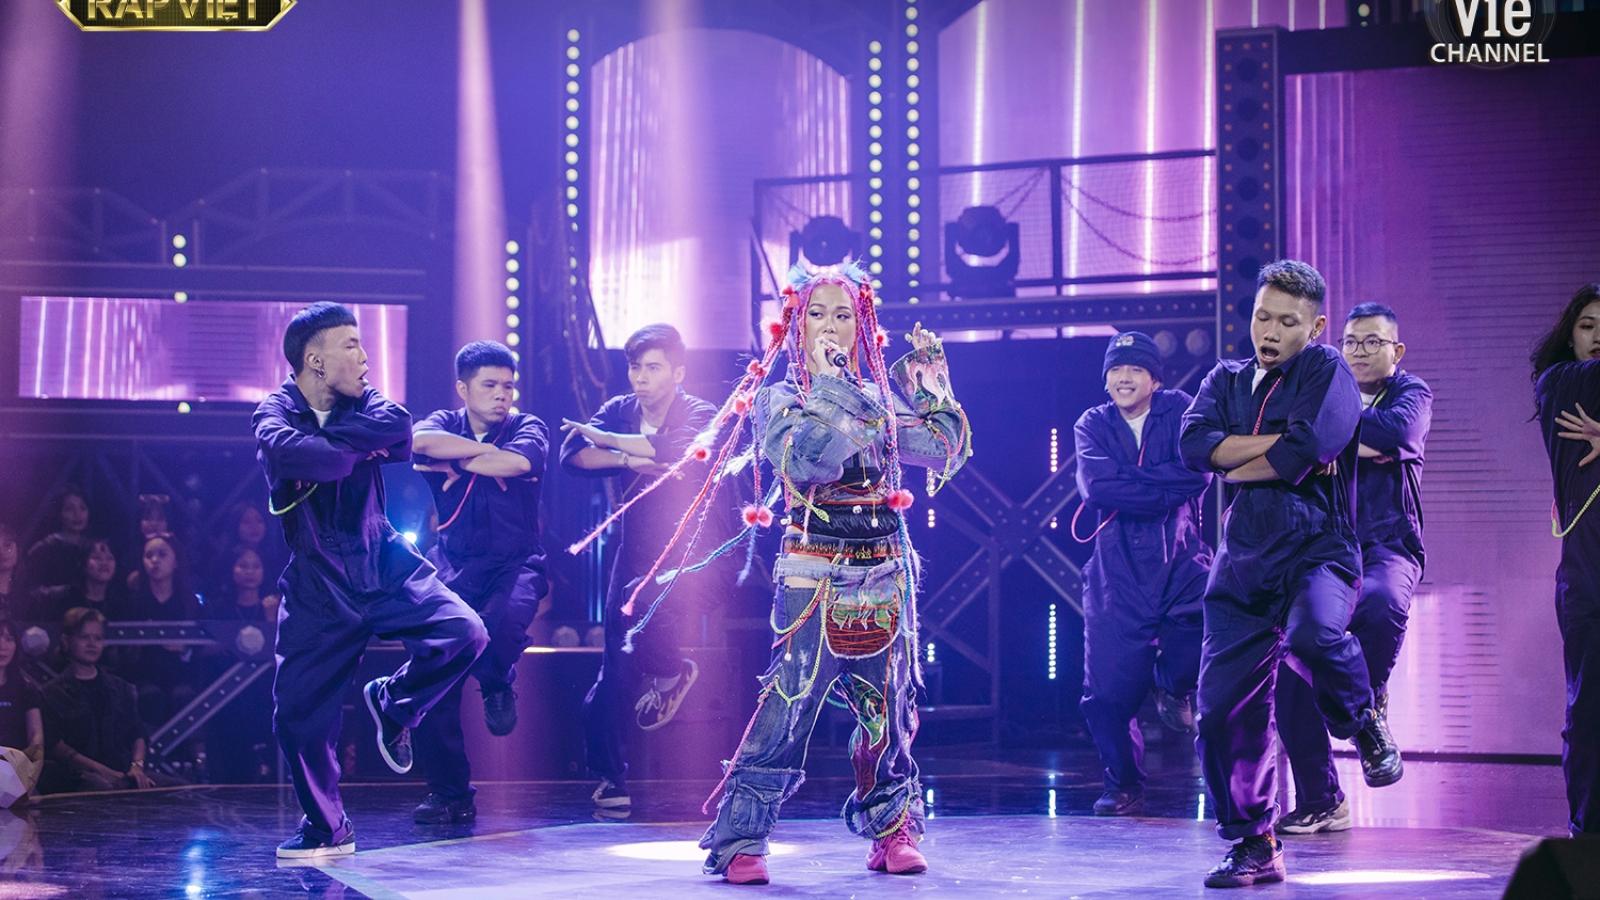 """Karik """"chết lặng"""" vì màn trình diễn của Tlinh, Dế Choắt lột bỏ lớp mặt nạ trên sân khấu"""